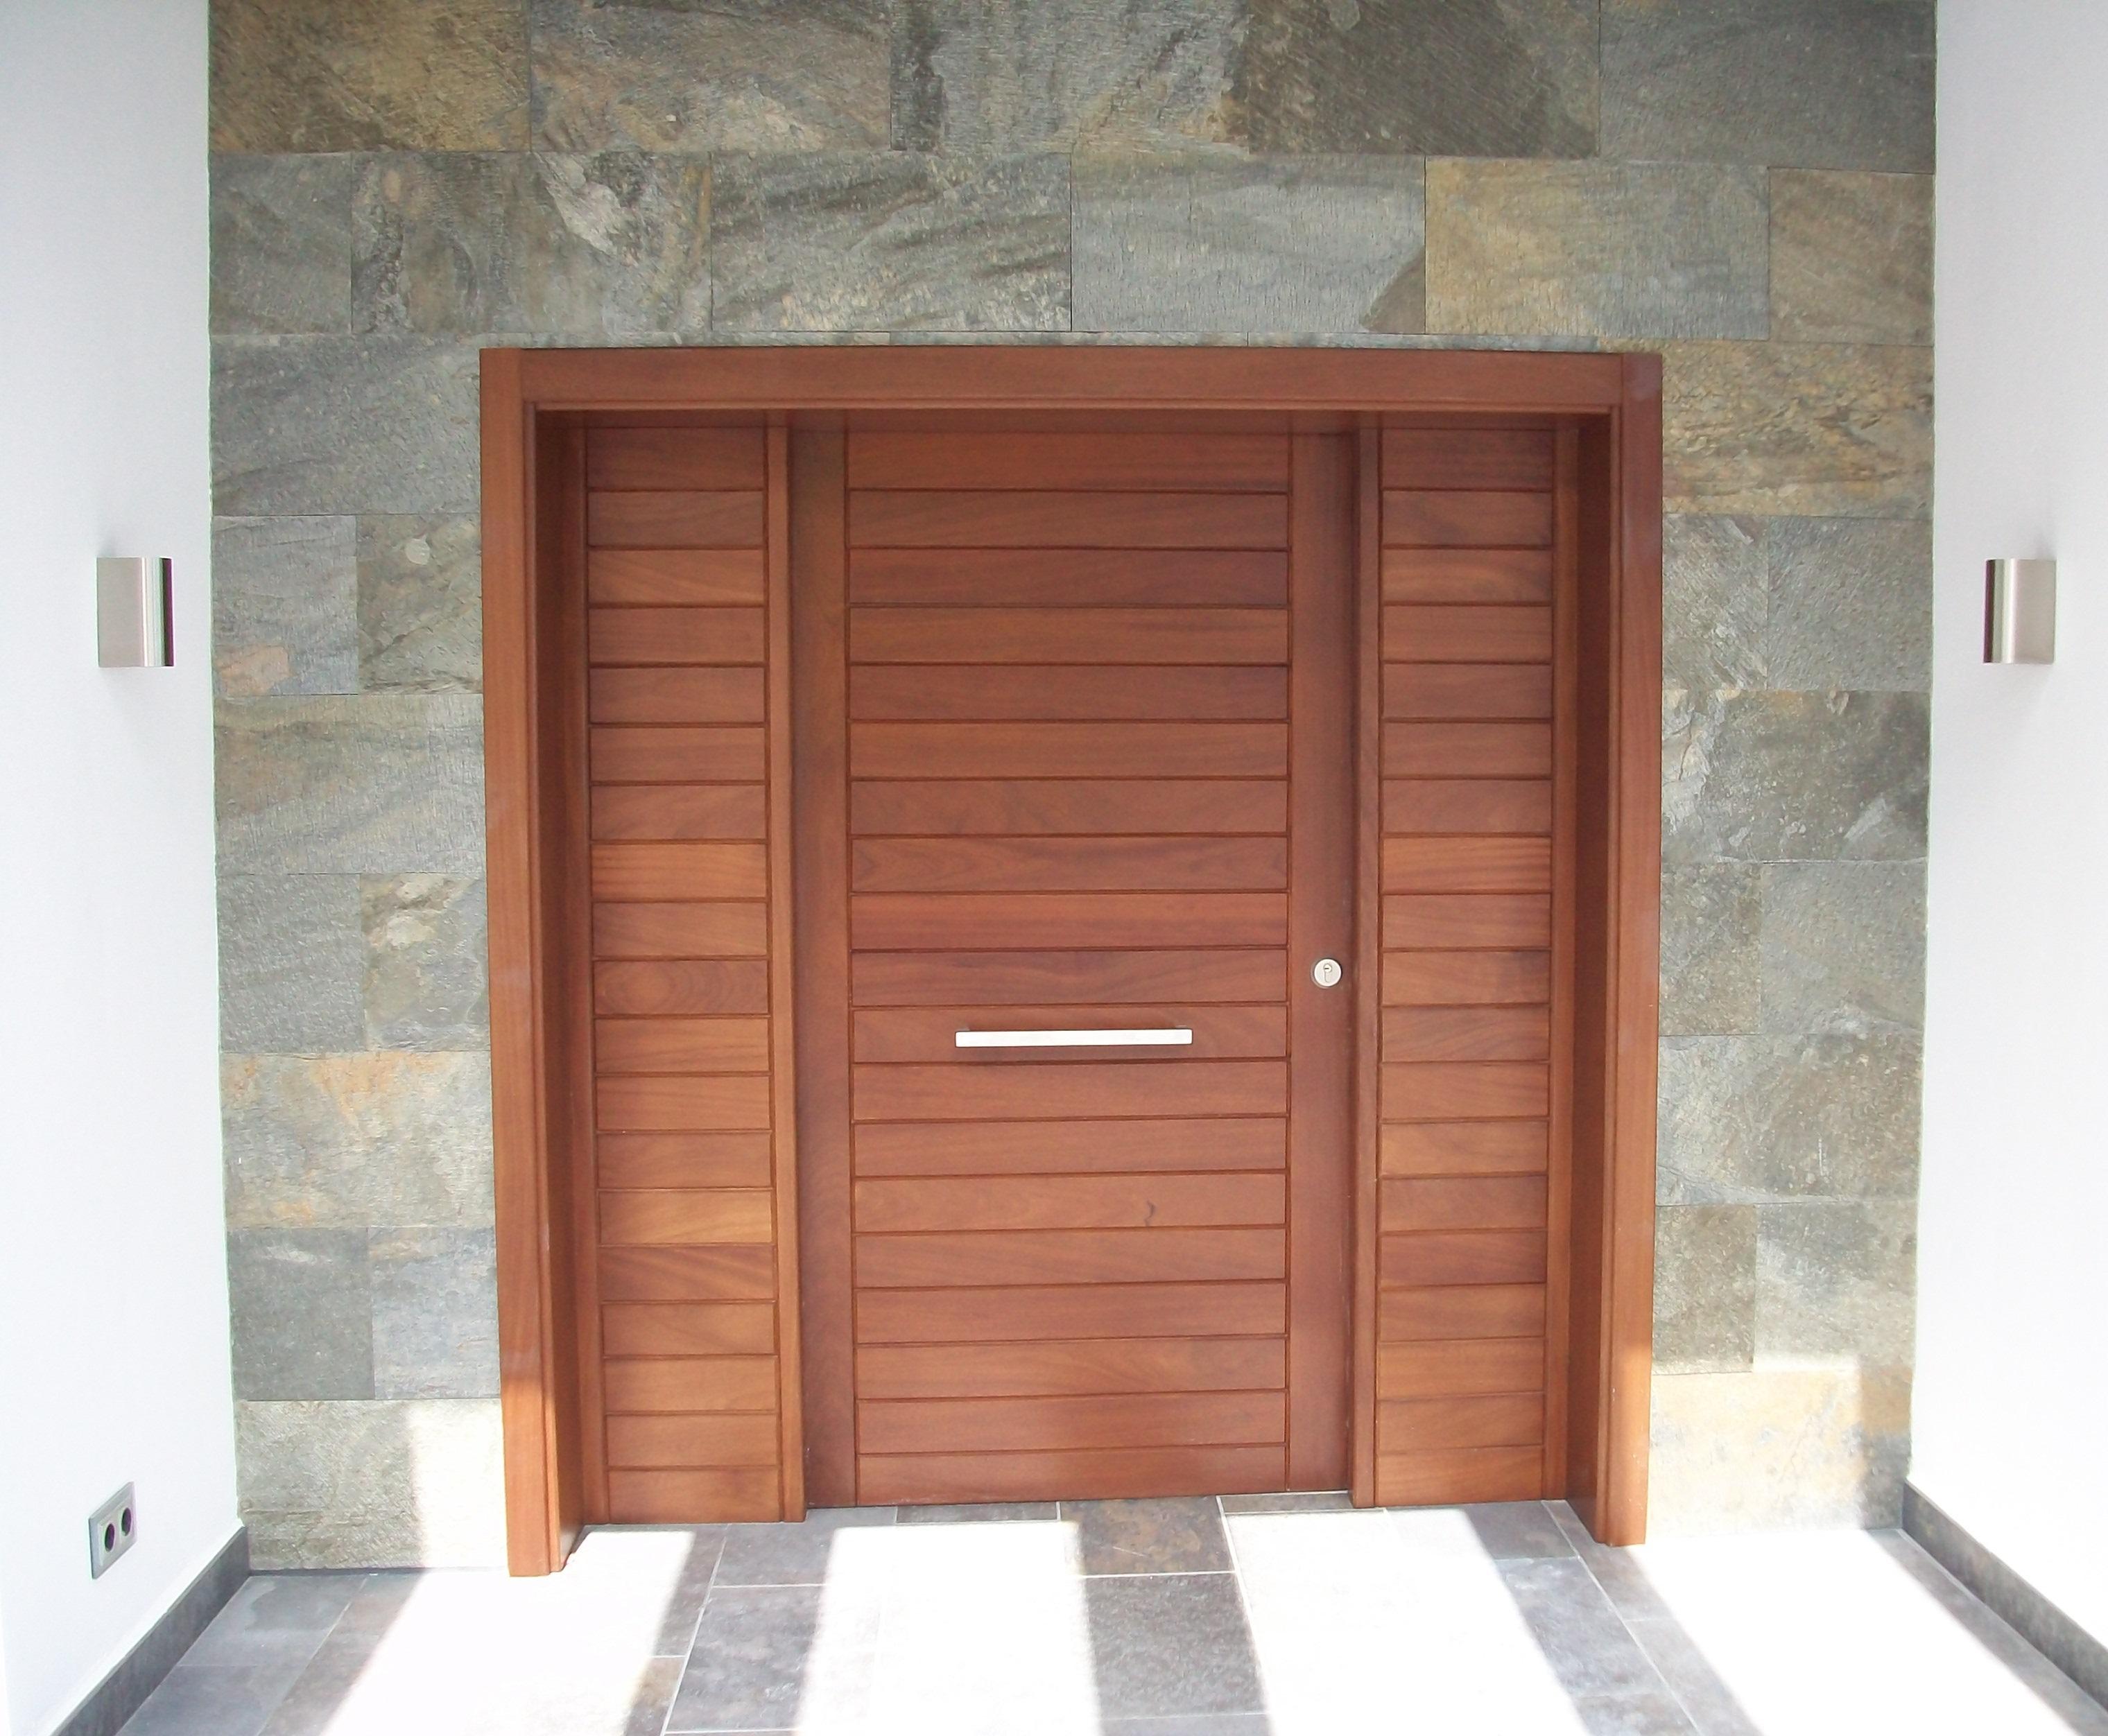 Puertas de casa exterior cheap aqu podrs ver una serie de - Puertas para casa exterior ...